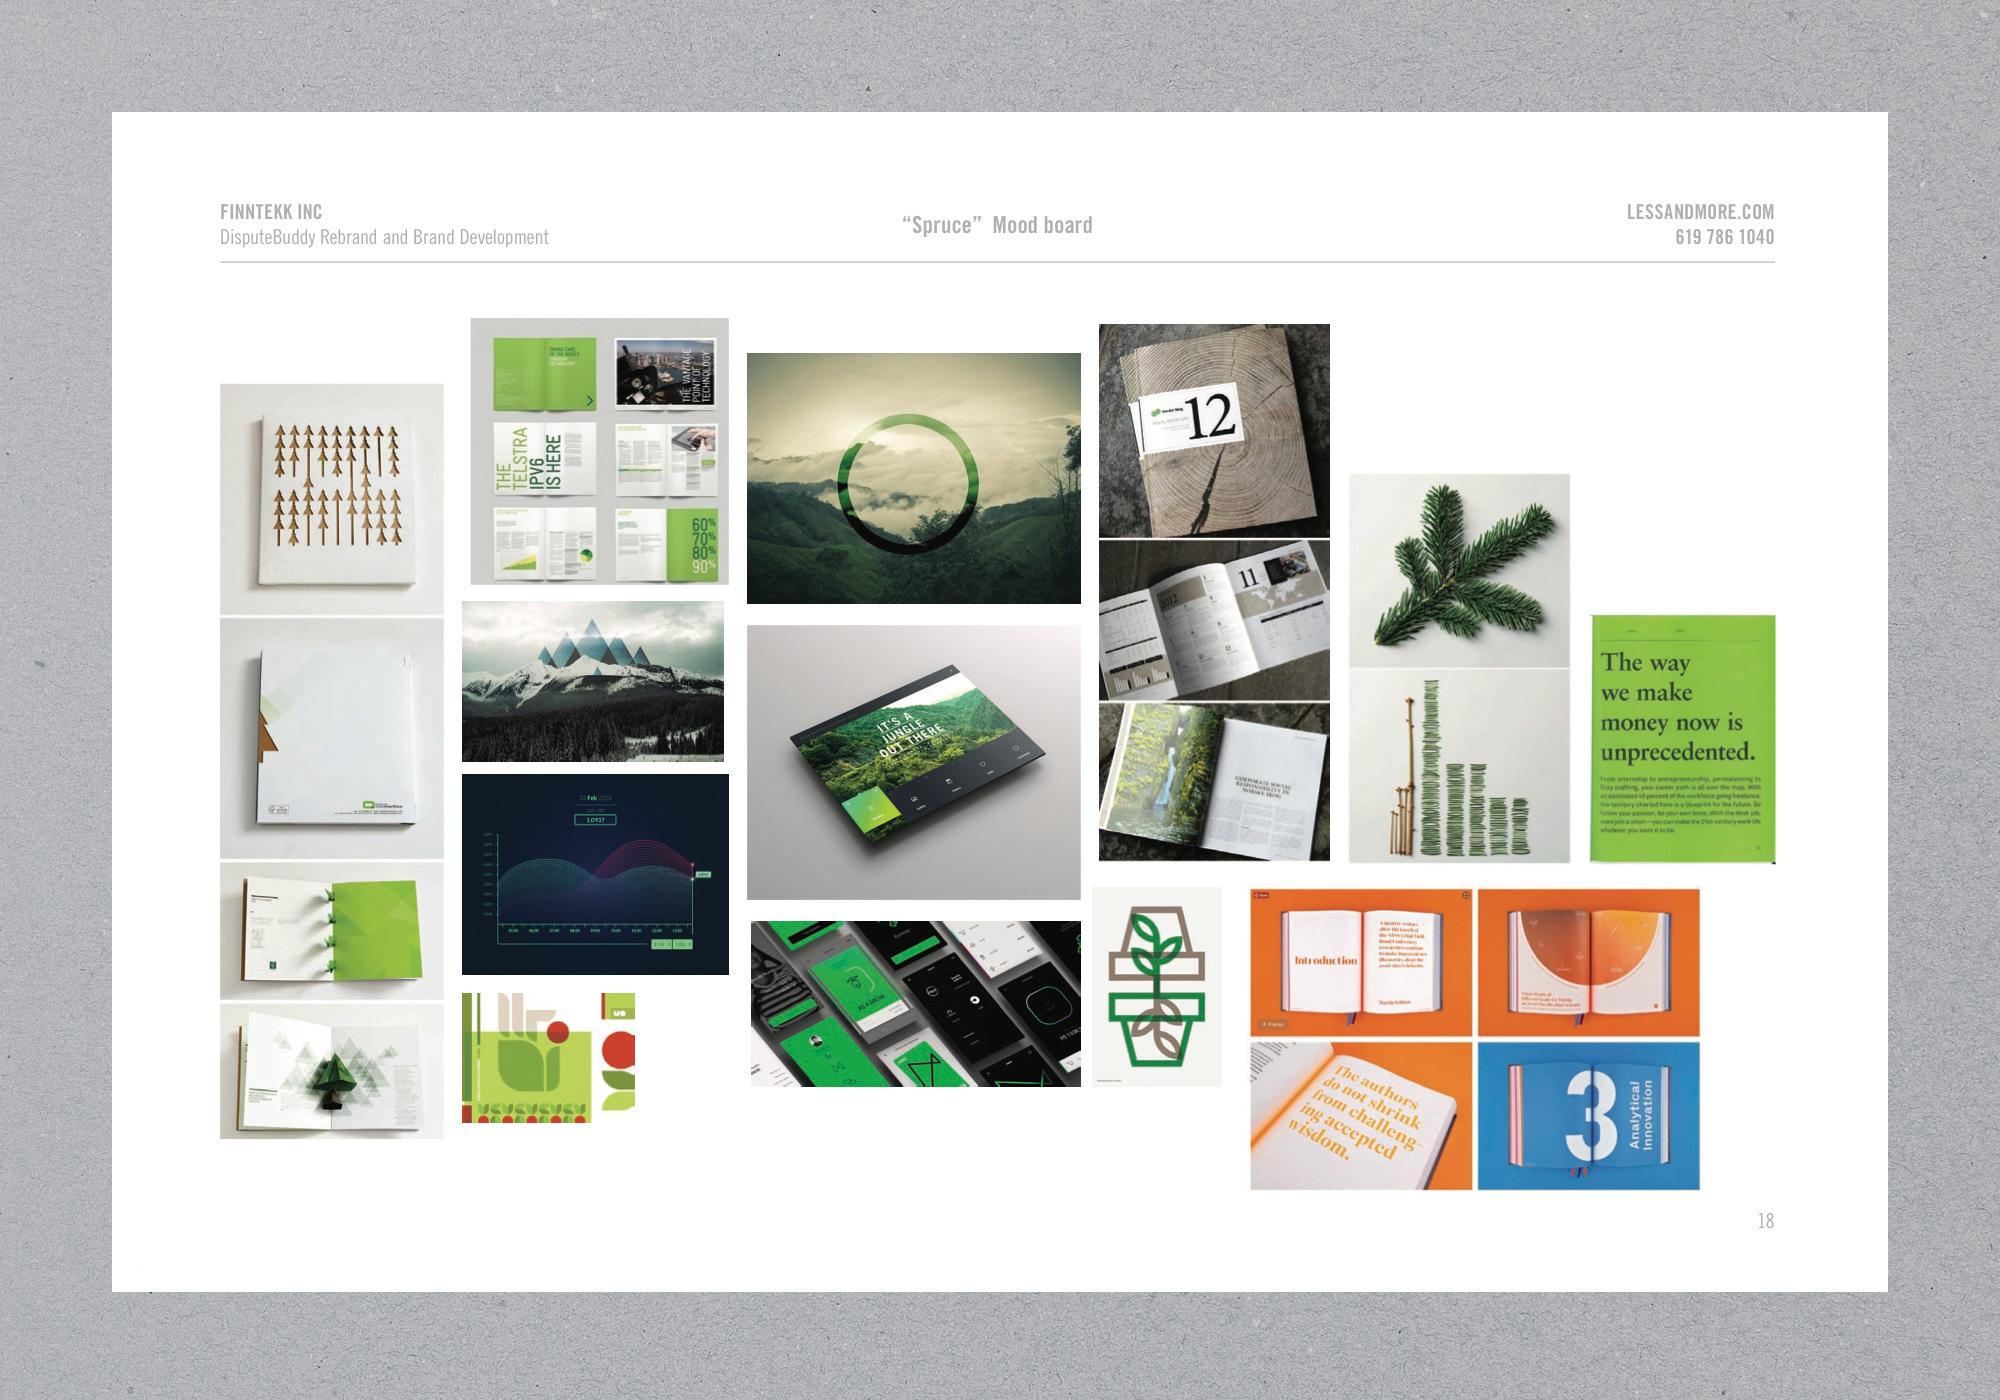 001_Concepts_ScoreShuttle_16